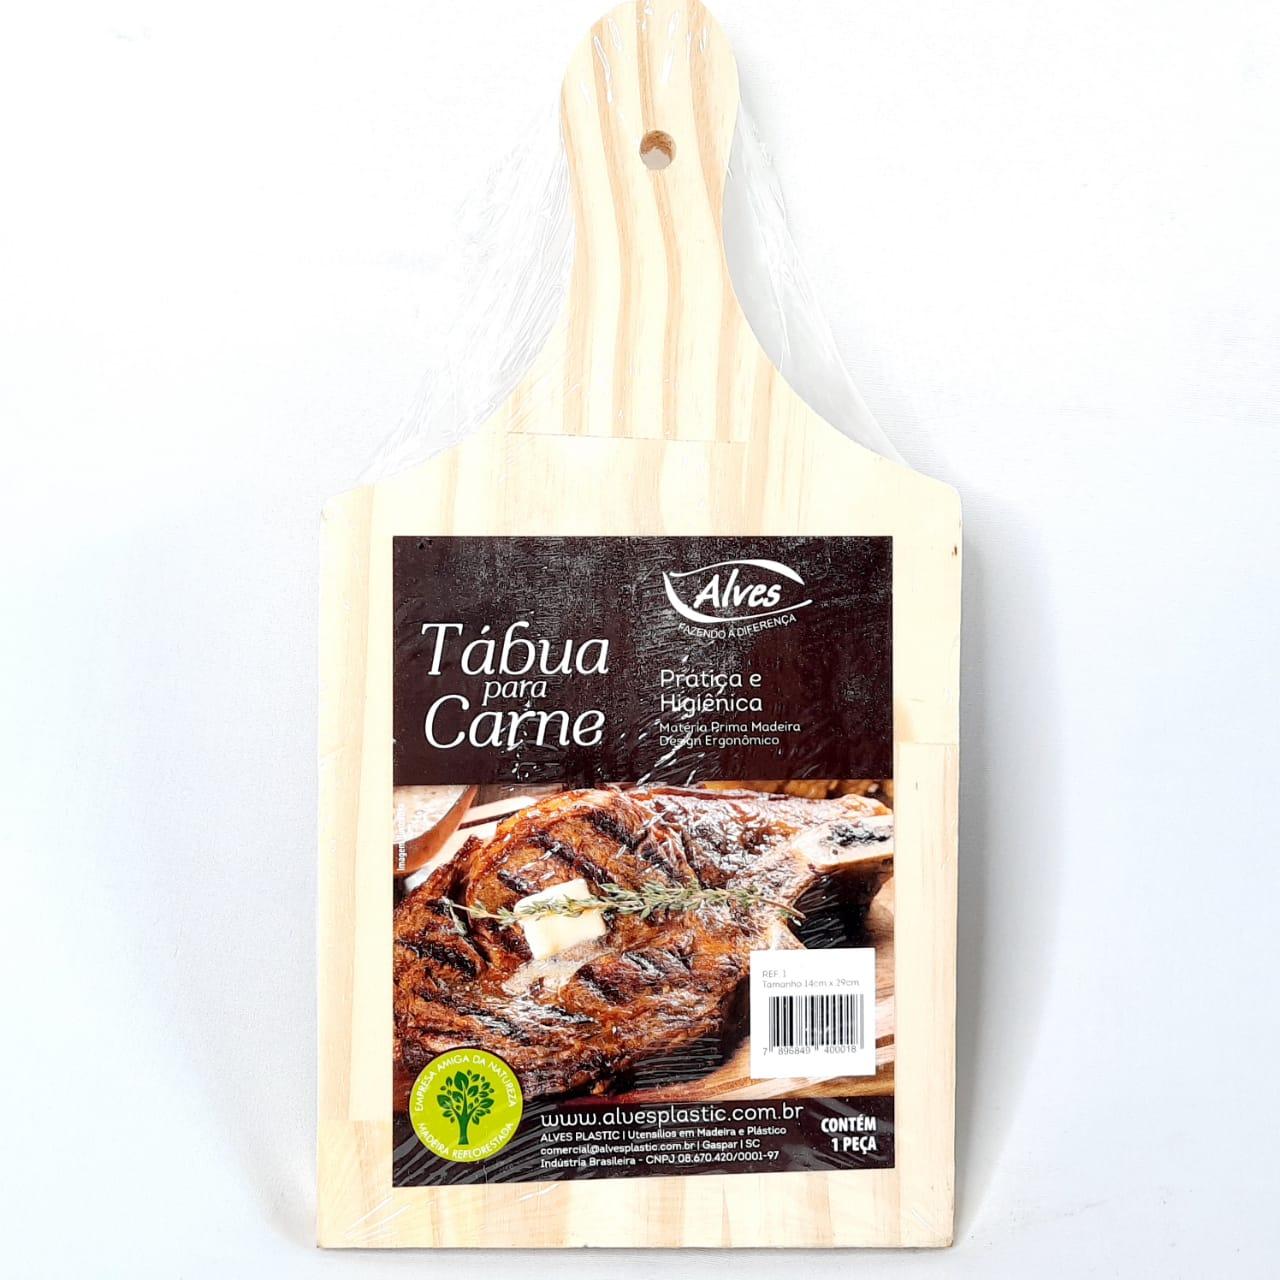 Tábua Madeira P/Carne N 01 Alves